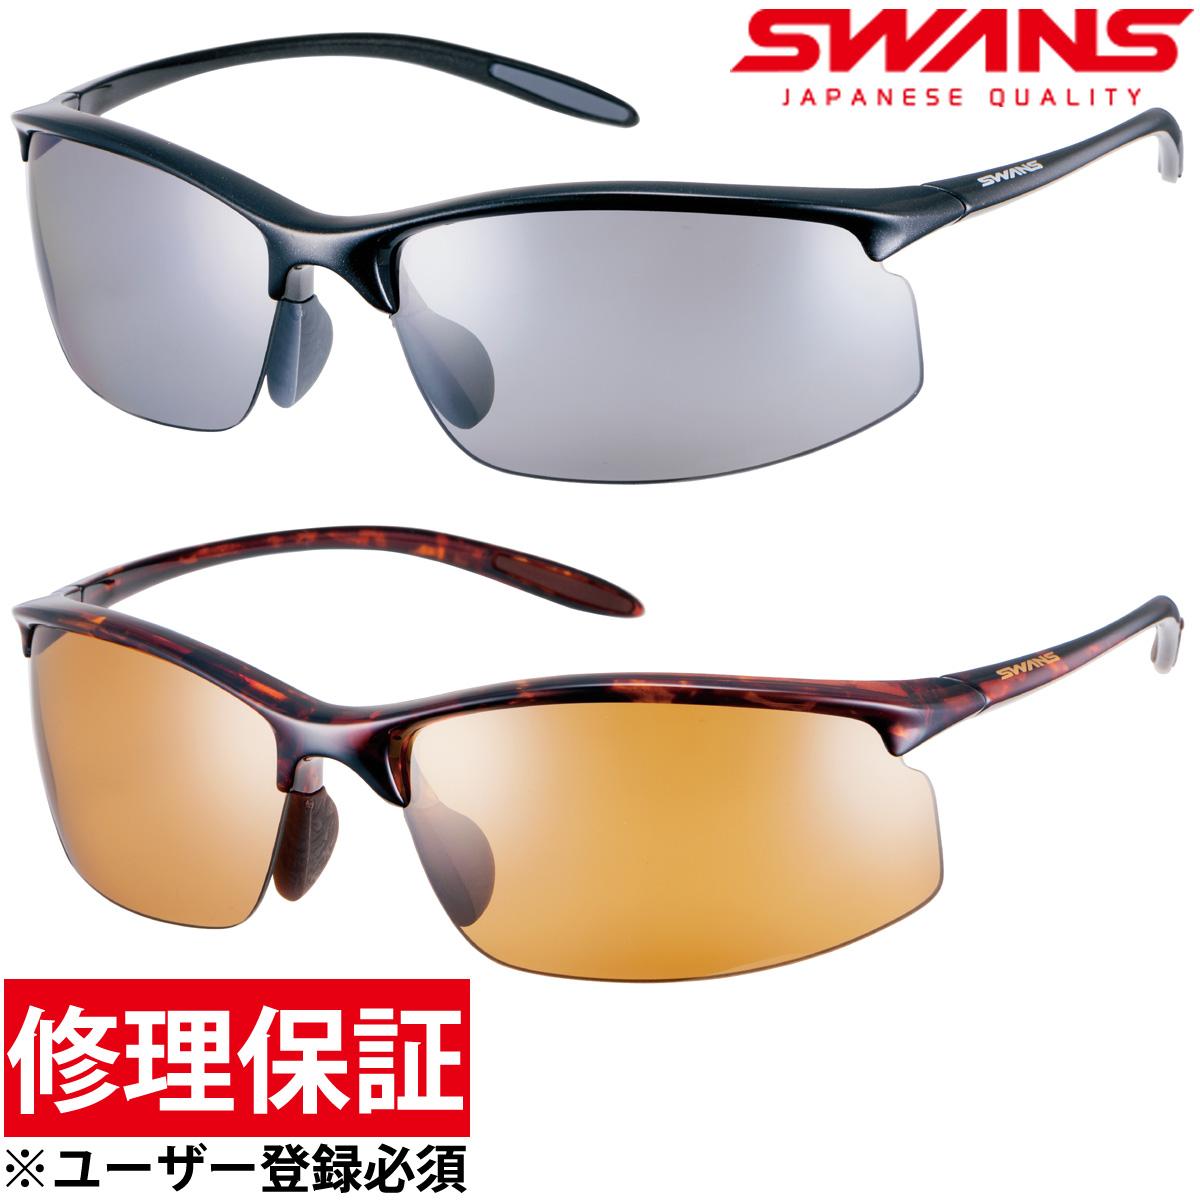 スワンズ SWANS オリジナル ブランド 紫外線カット 偏光サングラス ゴルフ ドライブ 運転 釣り 野球 Airless-Moveシリーズ メンズ 新色追加 エアレス SAMV-0065 偏光レンズモデル スポーツ テニス SAMV-0051 ムーブ UVカット